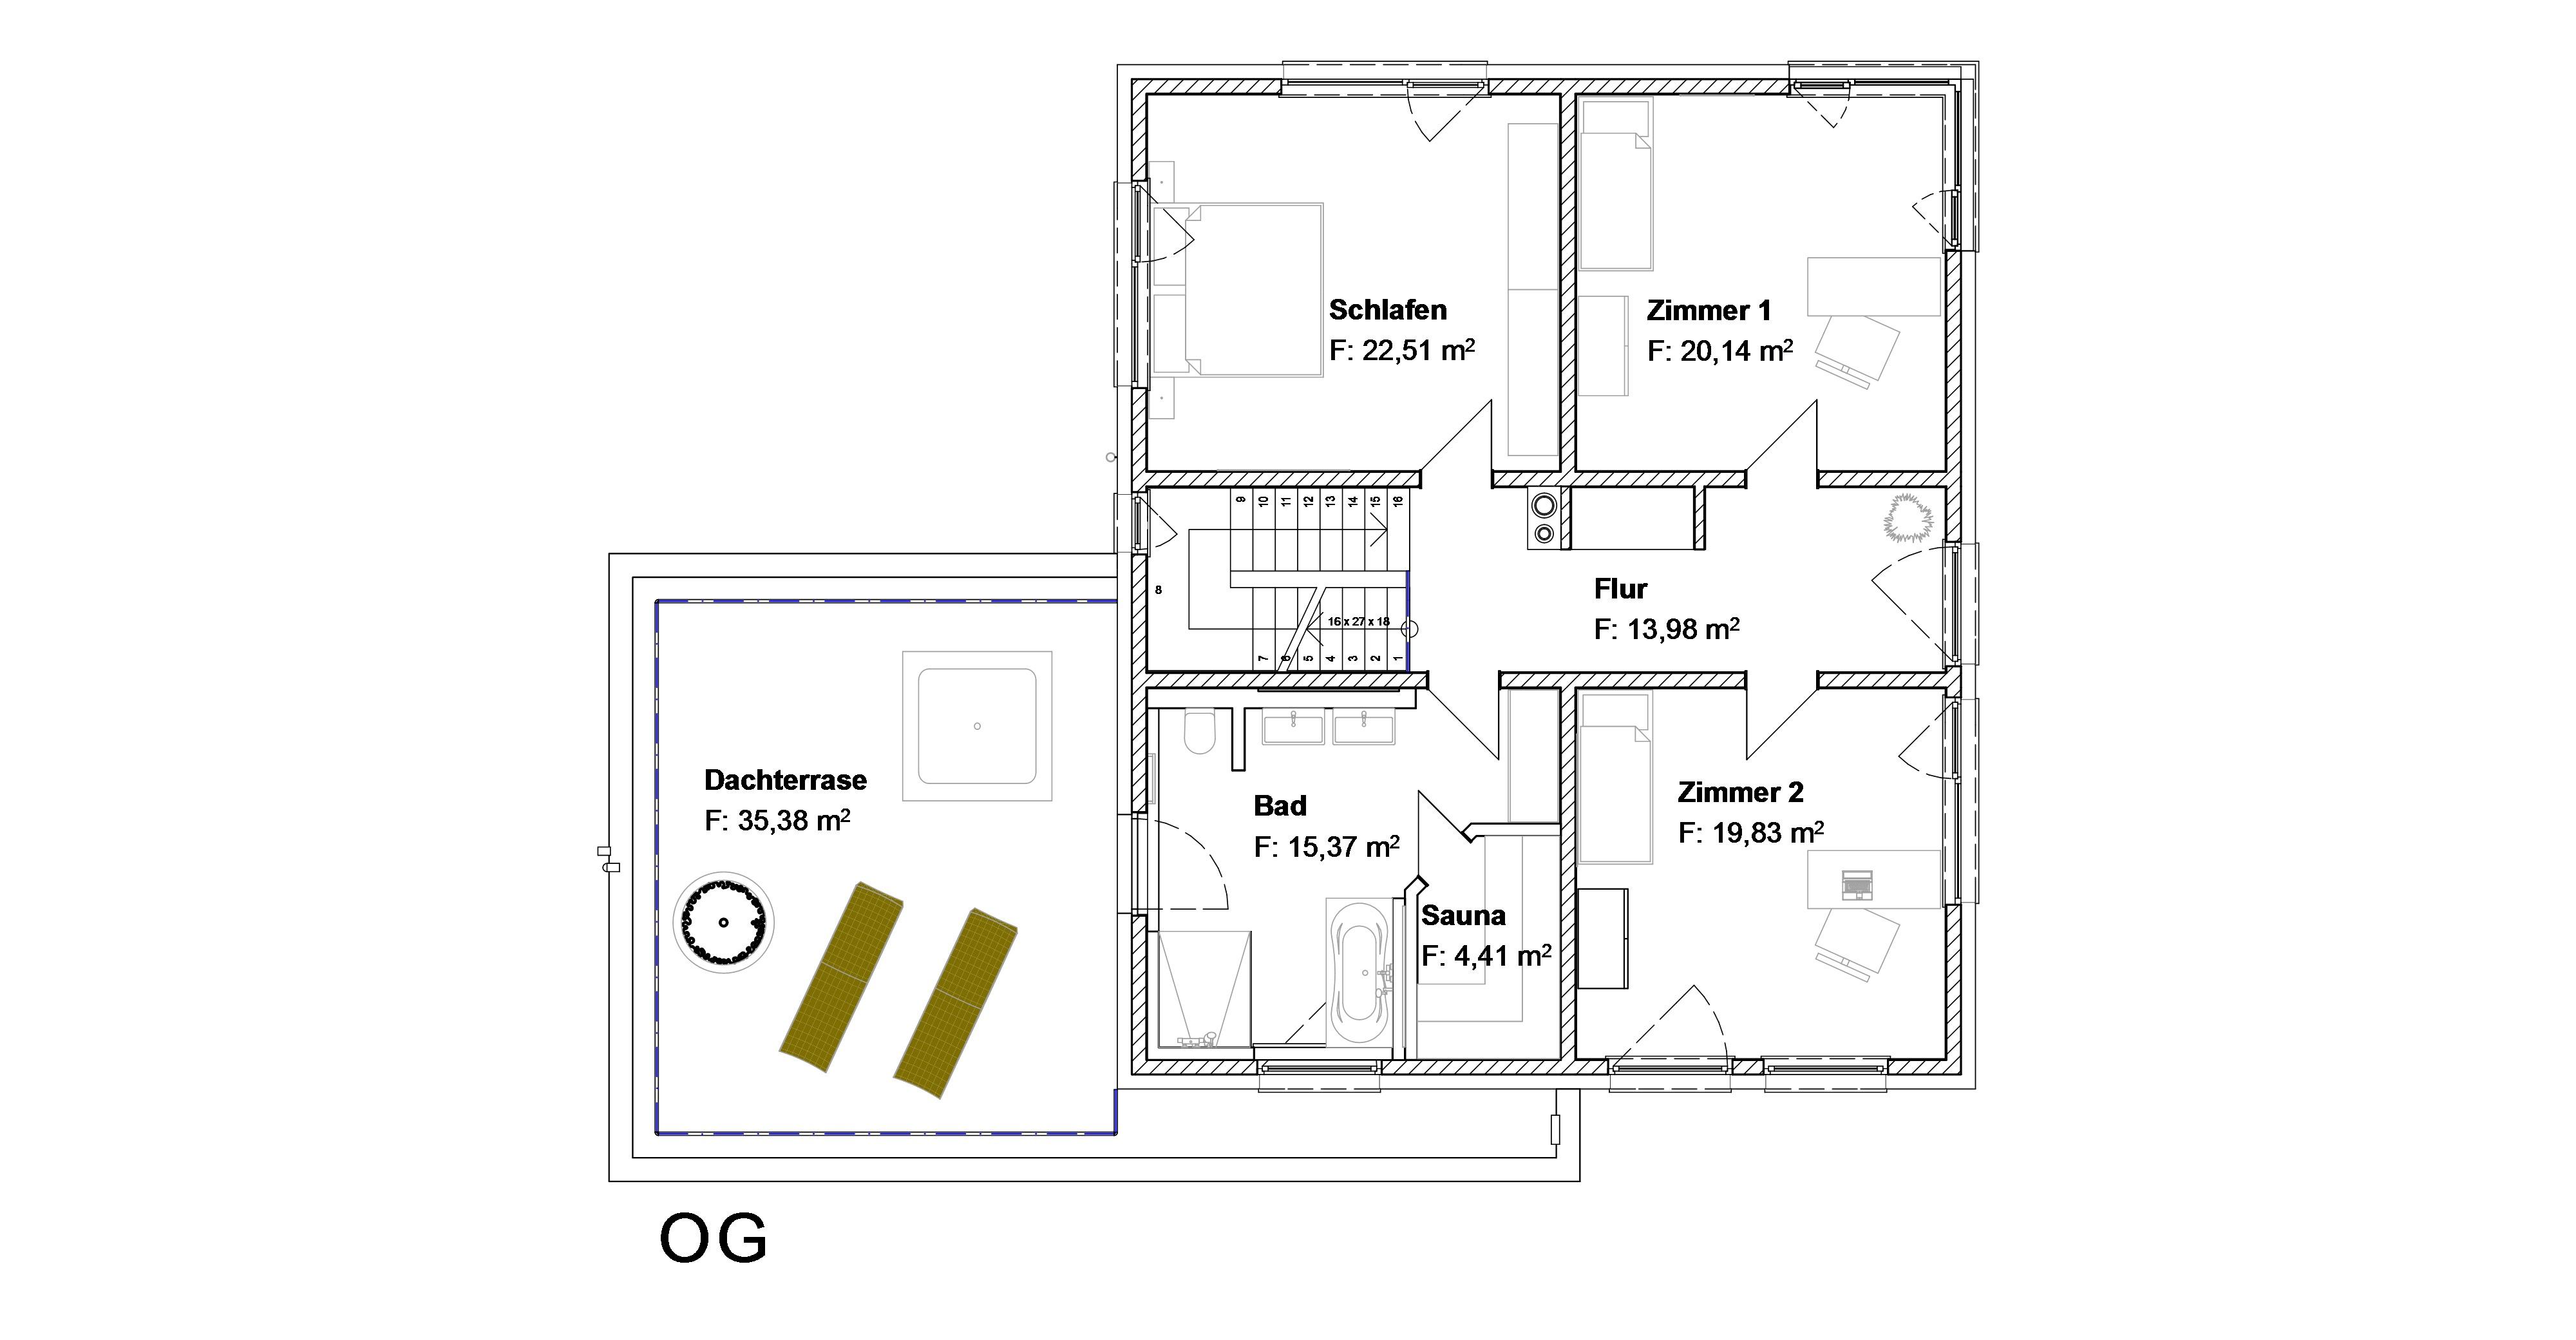 efh mit 190 qm wohnfl che und doppelgarage erka bauplanung gmbh. Black Bedroom Furniture Sets. Home Design Ideas